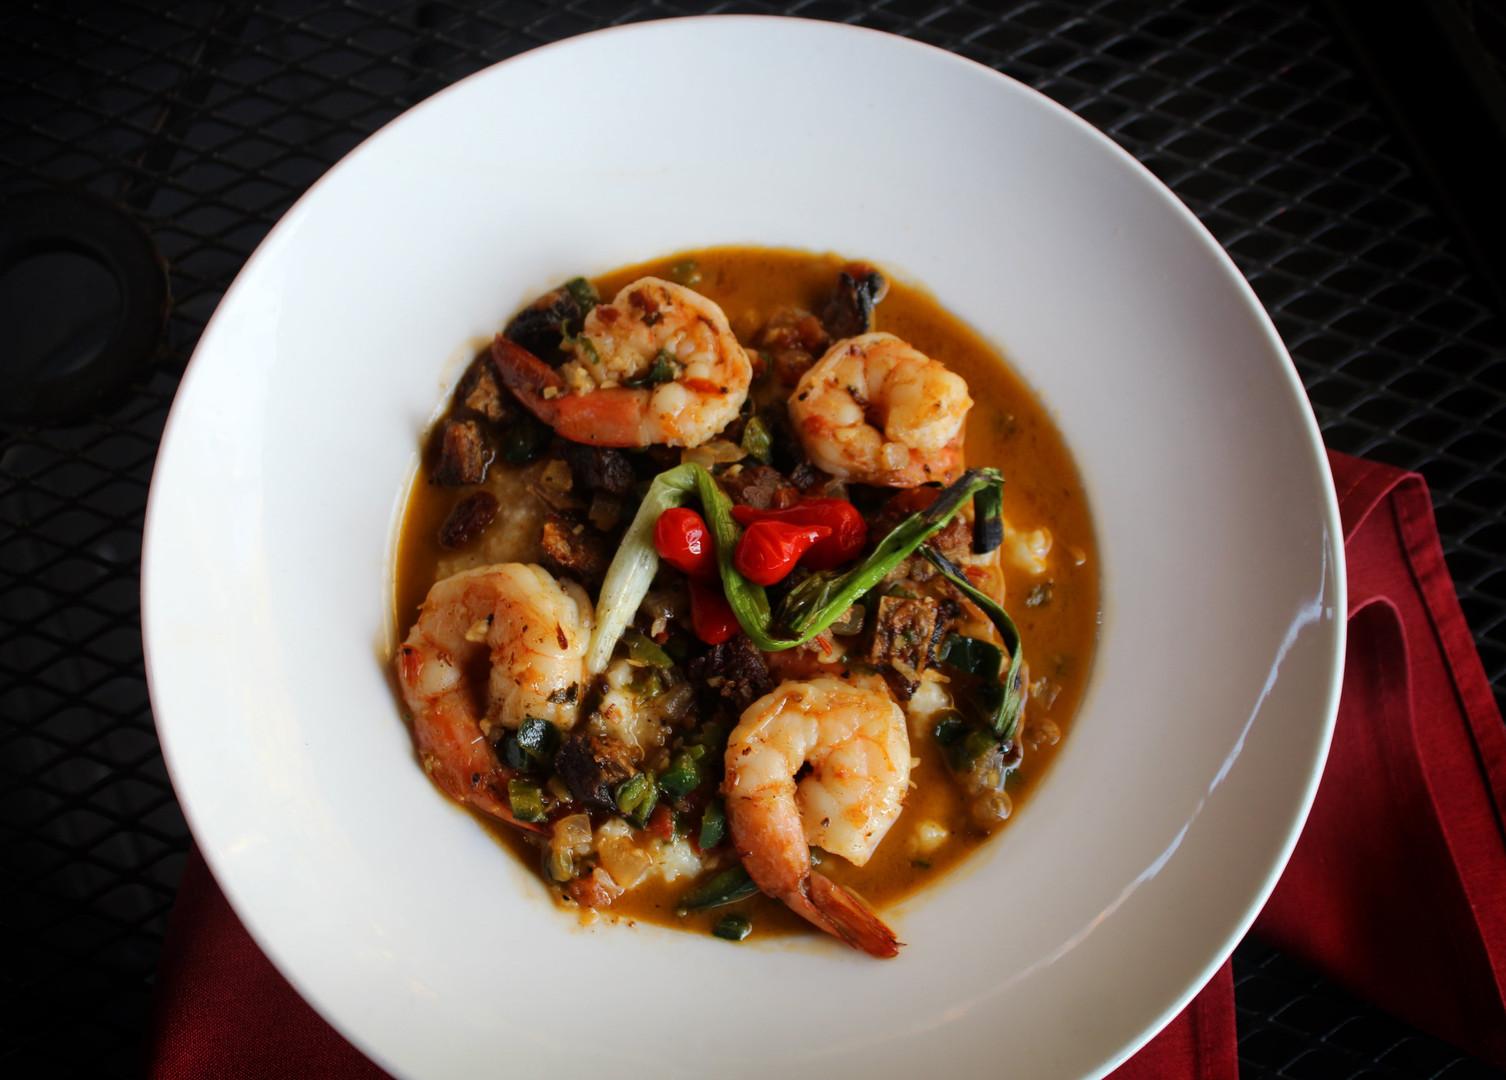 Agava Shrimp & Grits